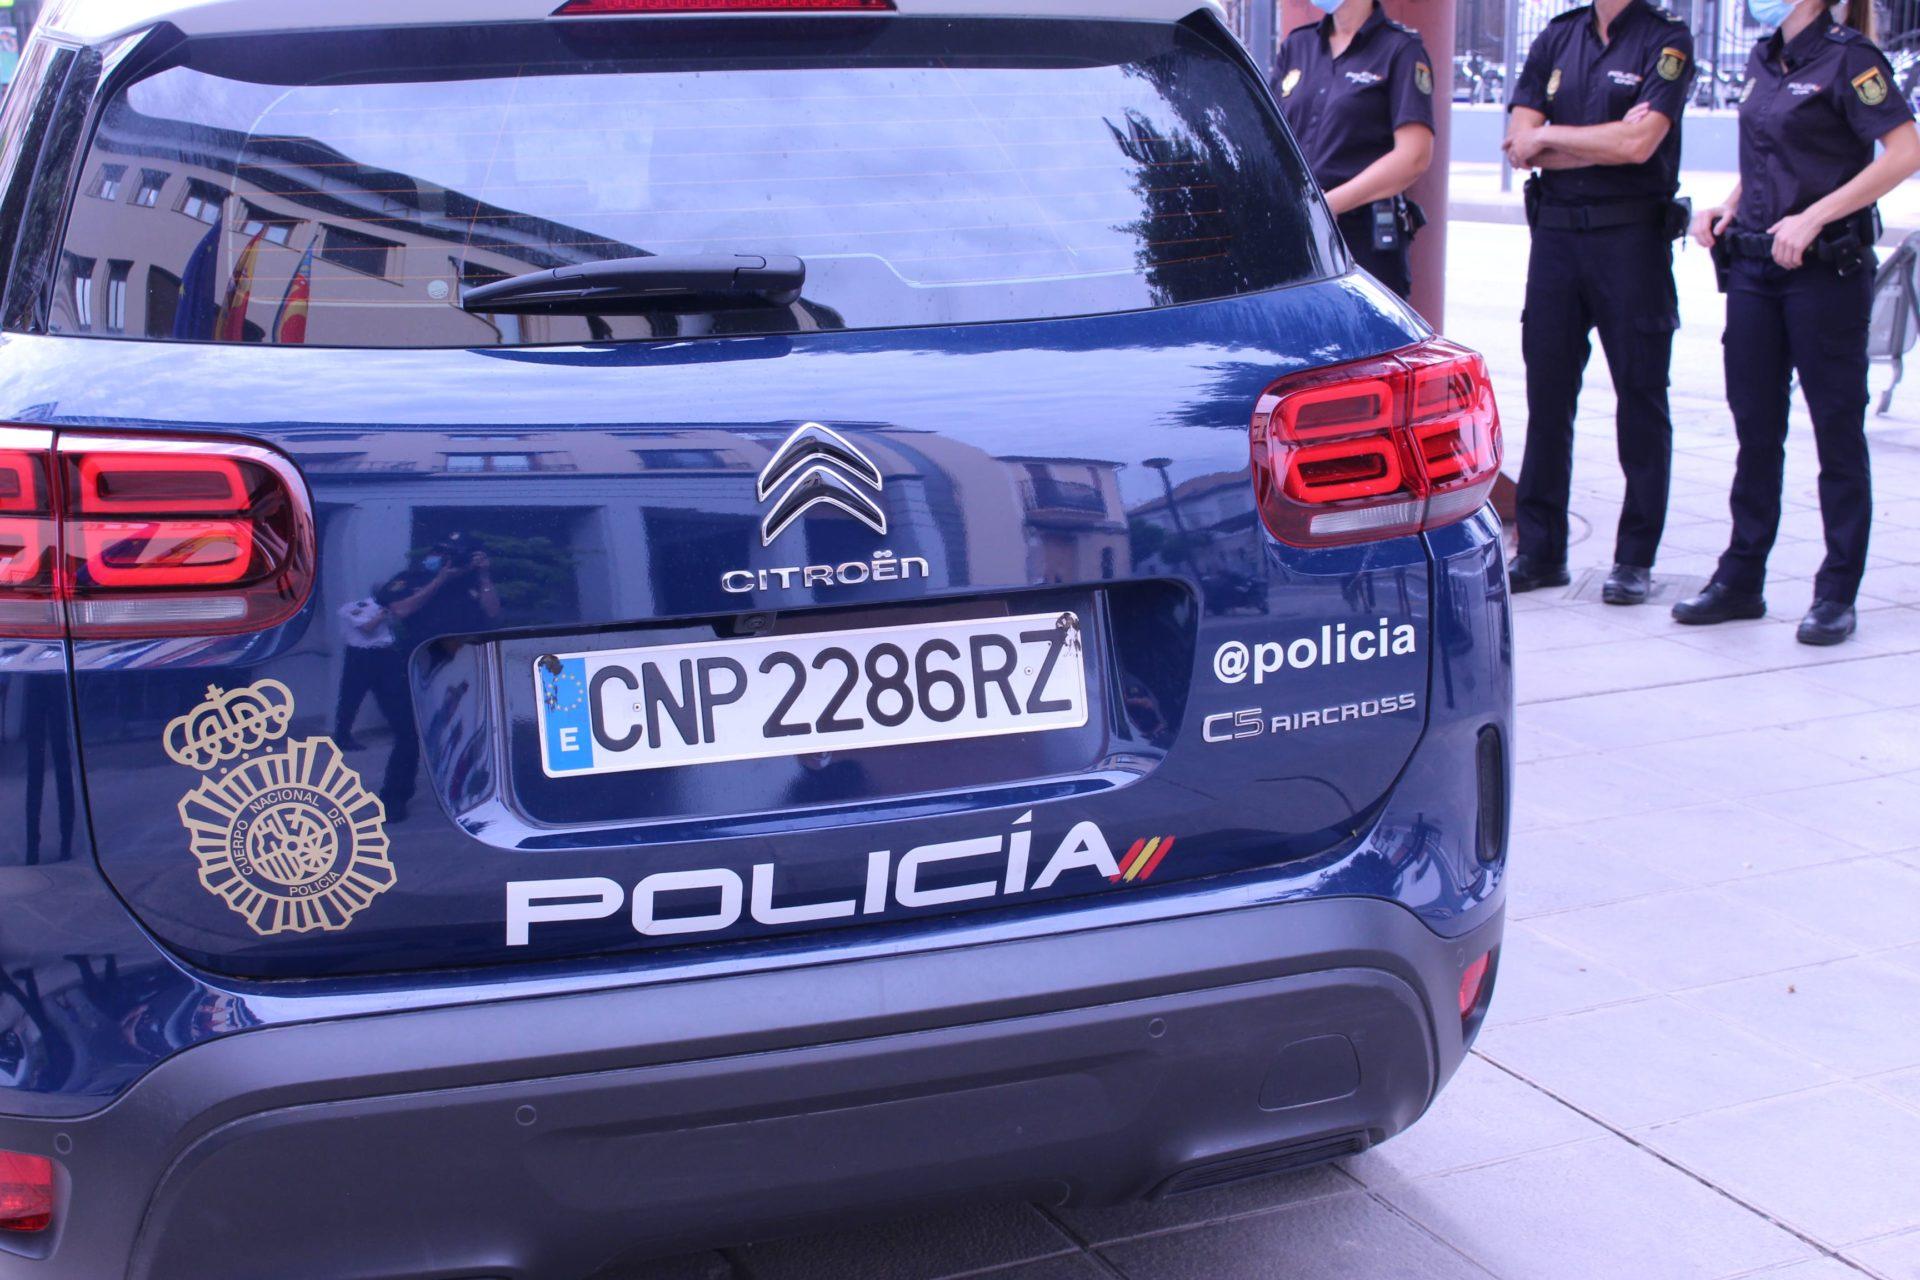 Recurso policia nacional